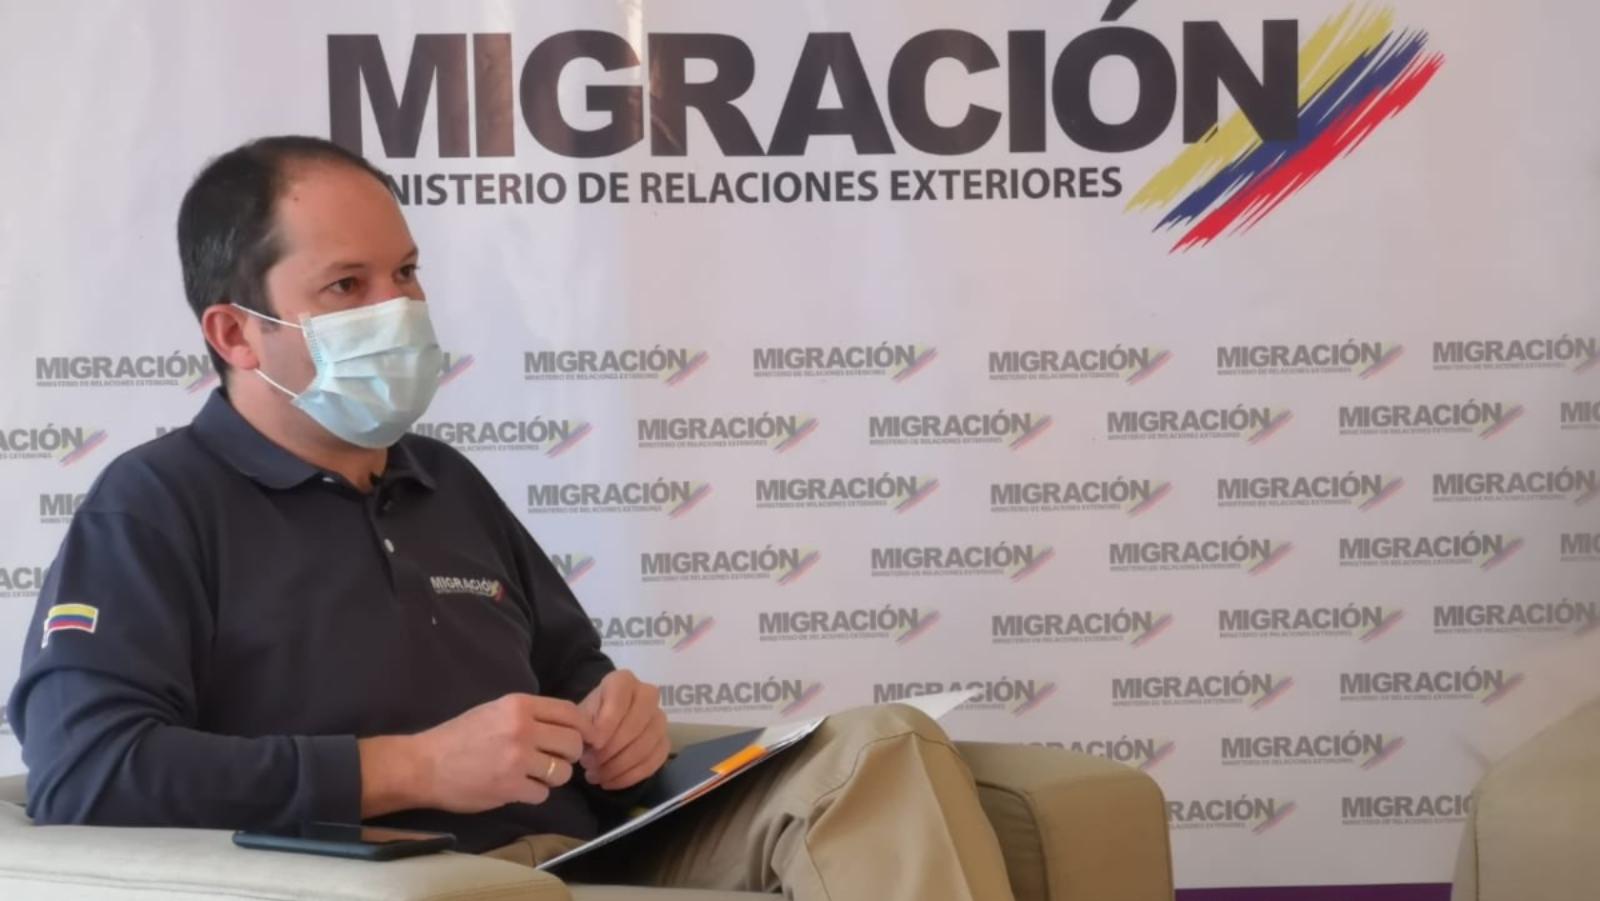 """Espinosa: """"Estos cinco años de migración han dejado un aprendizaje profundo para todos"""""""